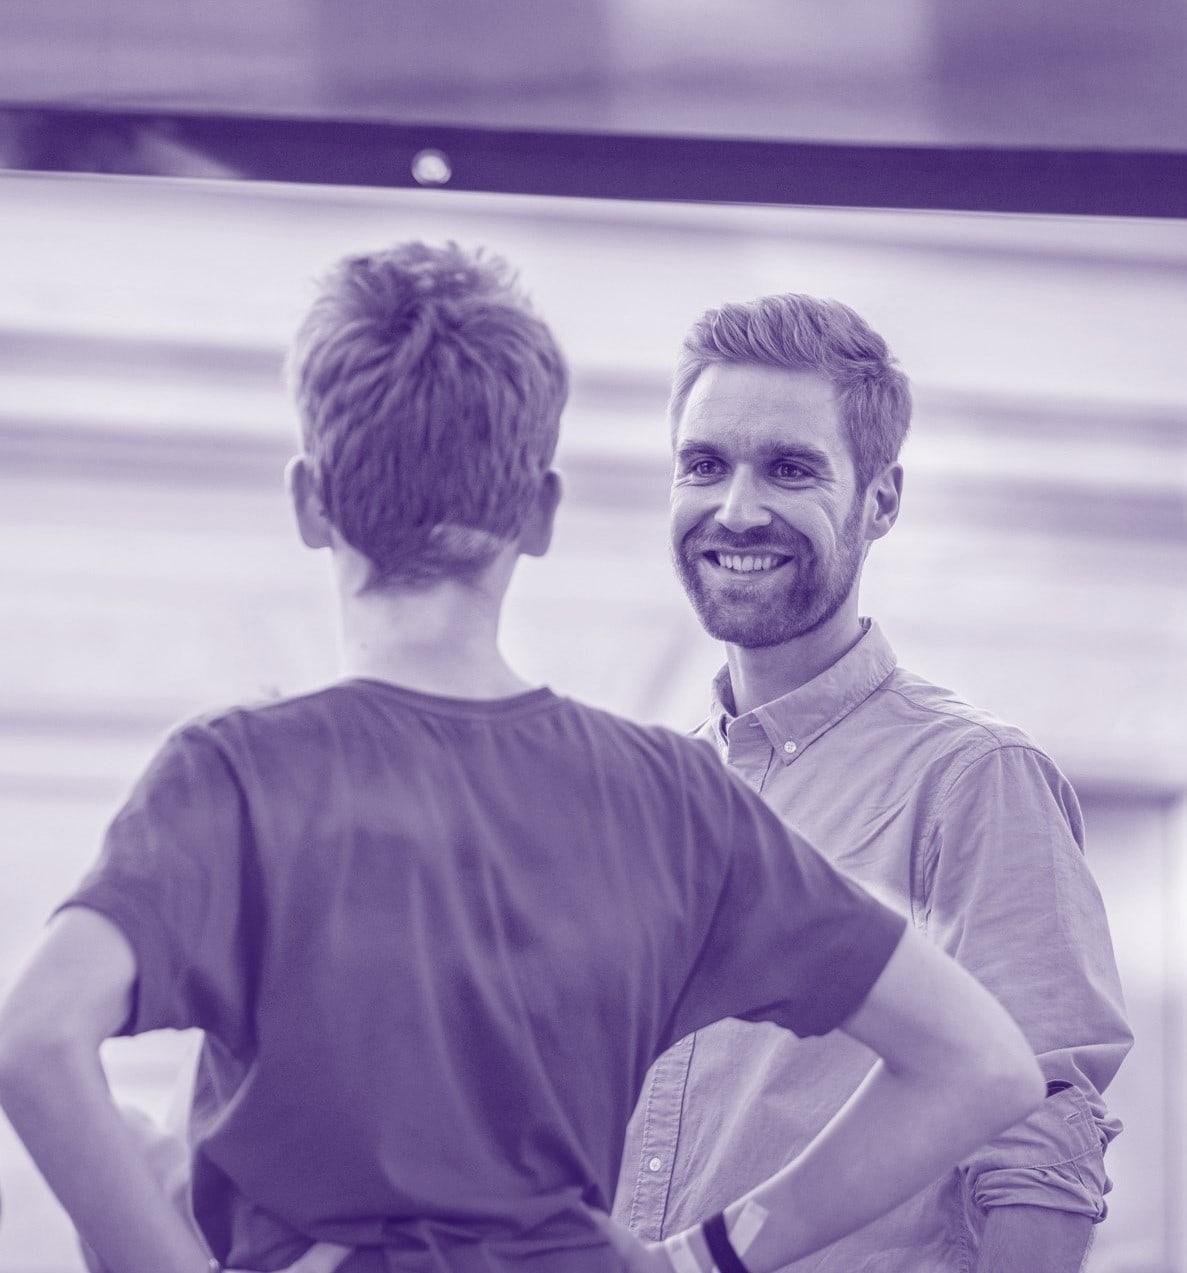 Zwei Männer, einander zugewandt einer lächelt.